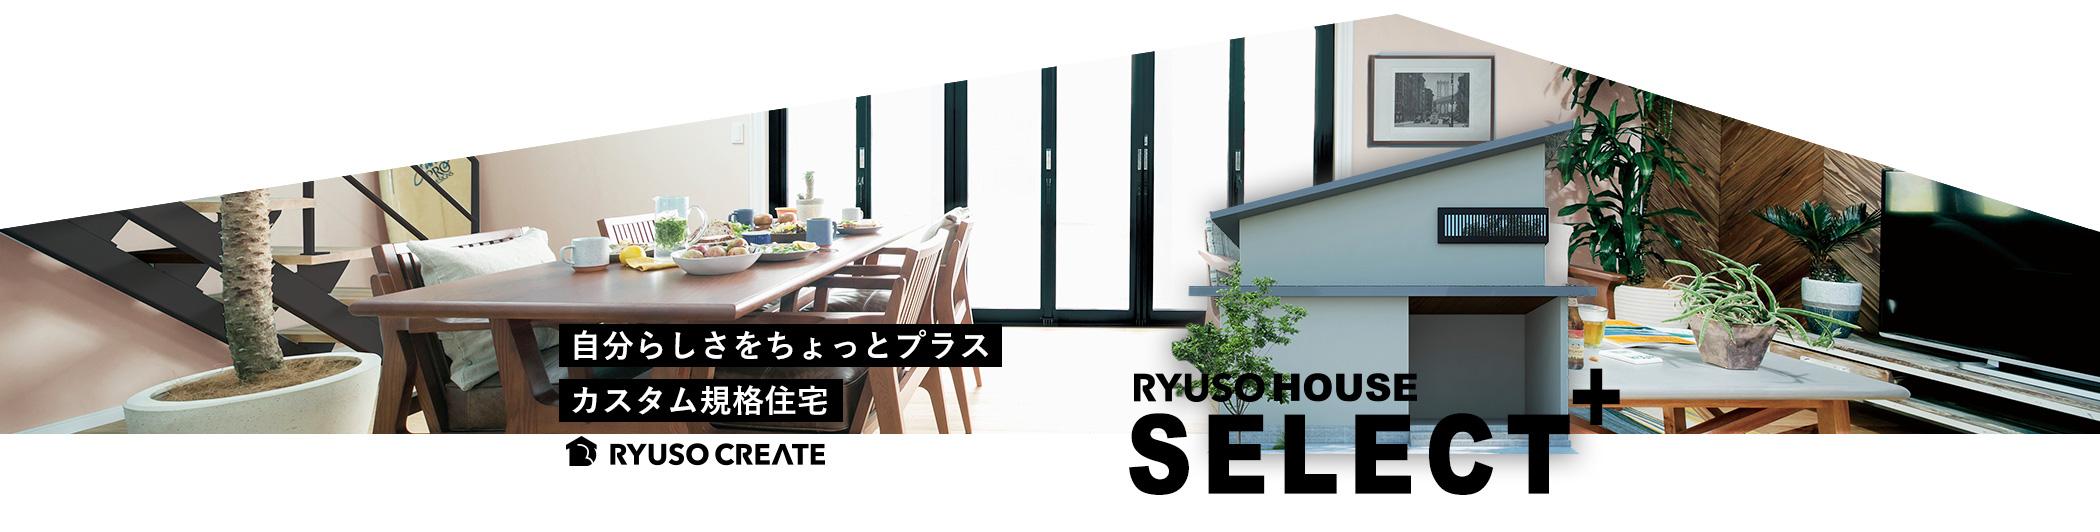 RYUSOHOUSEセレクトプラス|規格住宅に自分らしさをプラス